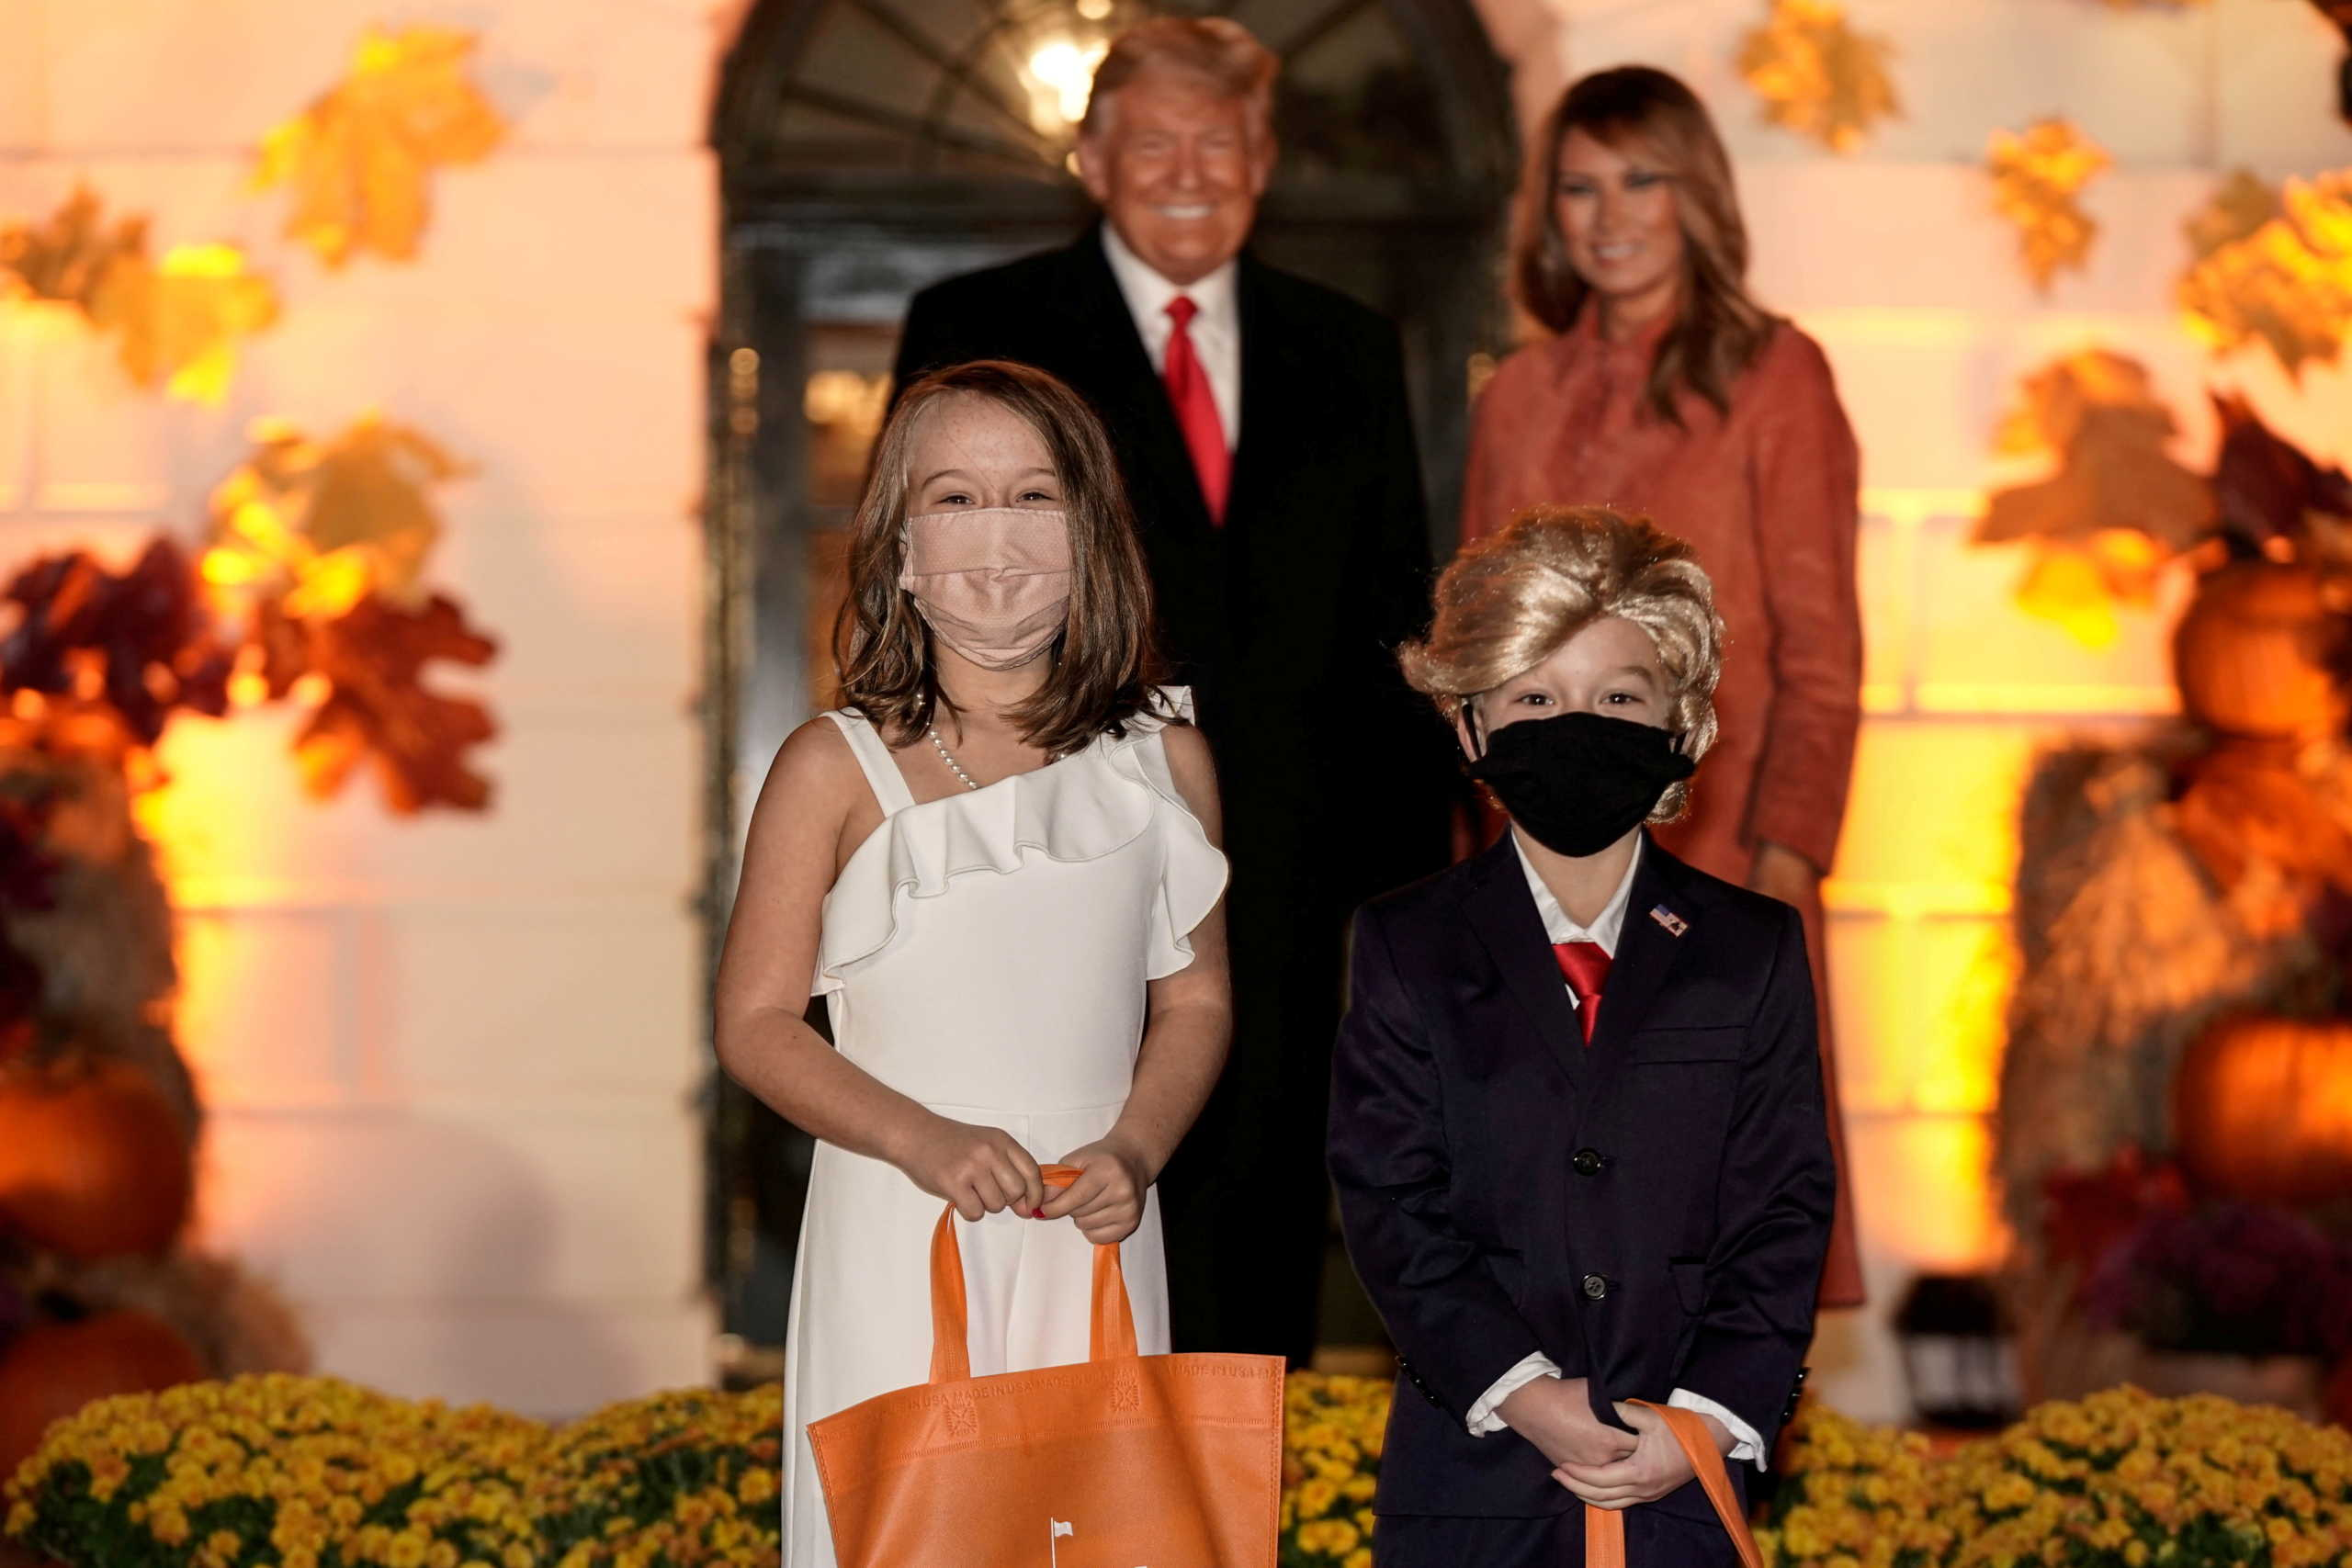 Ποιος κορονοϊός; Κανονικά το Halloween στον Λευκό Οίκο! Ο μίνι Τραμπ και η μίνι Μελάνια που έκλεψαν την παράσταση